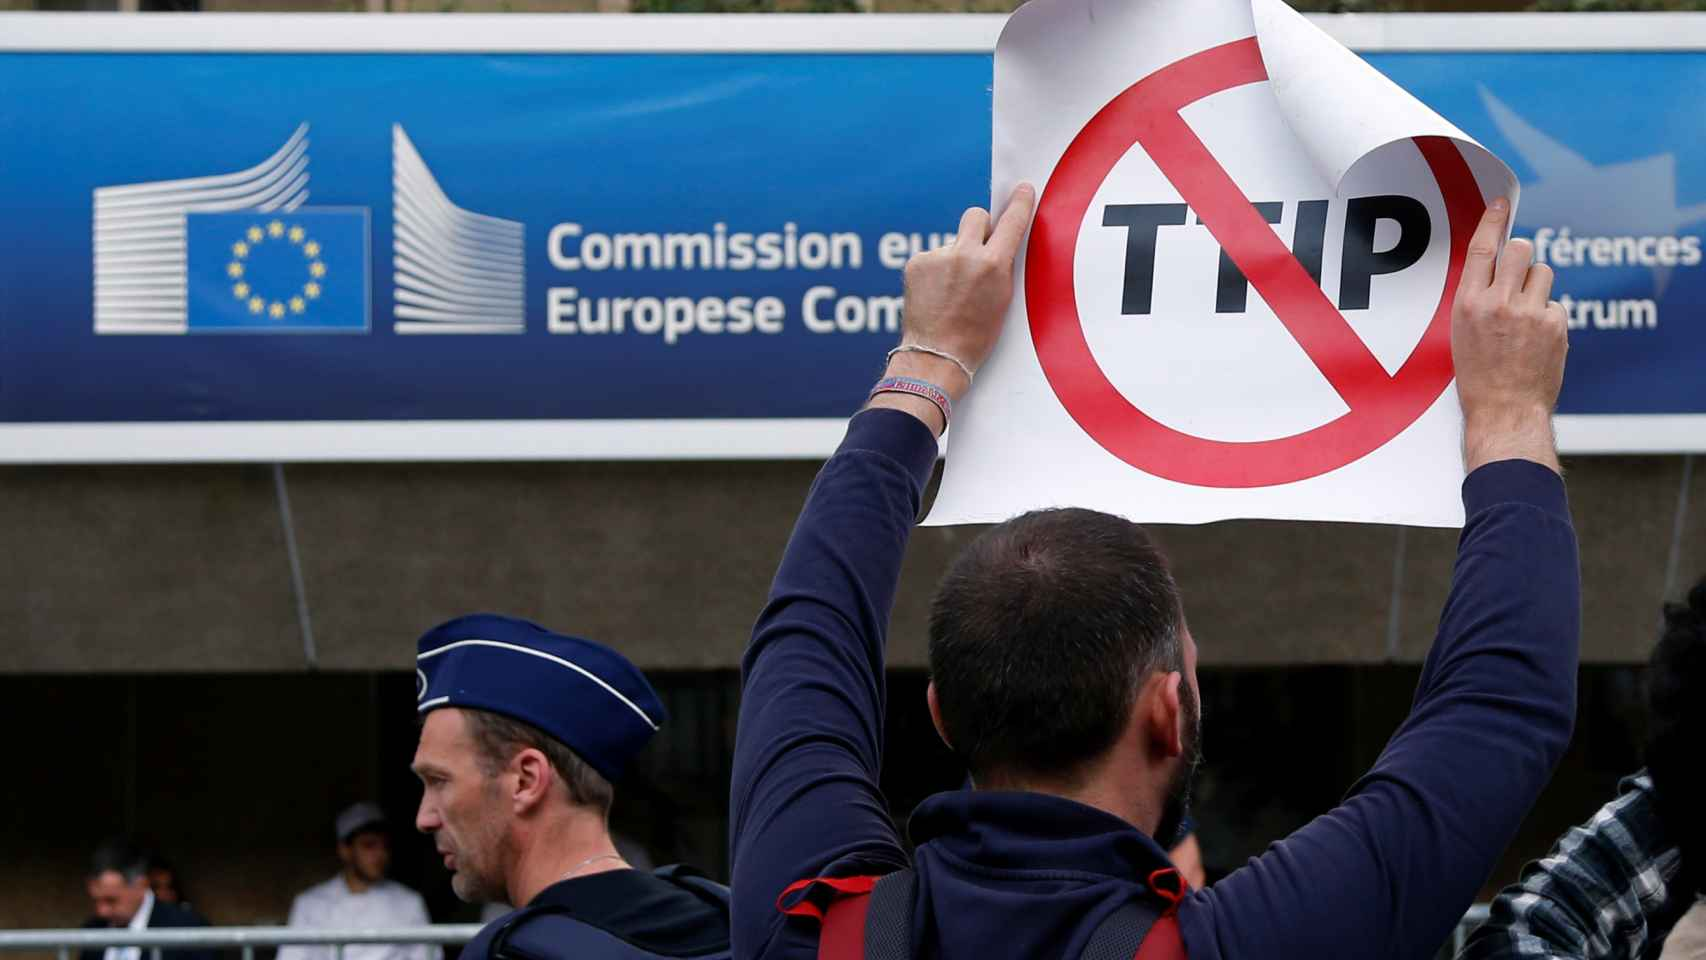 Personas contra el TTIP en Bruselas.